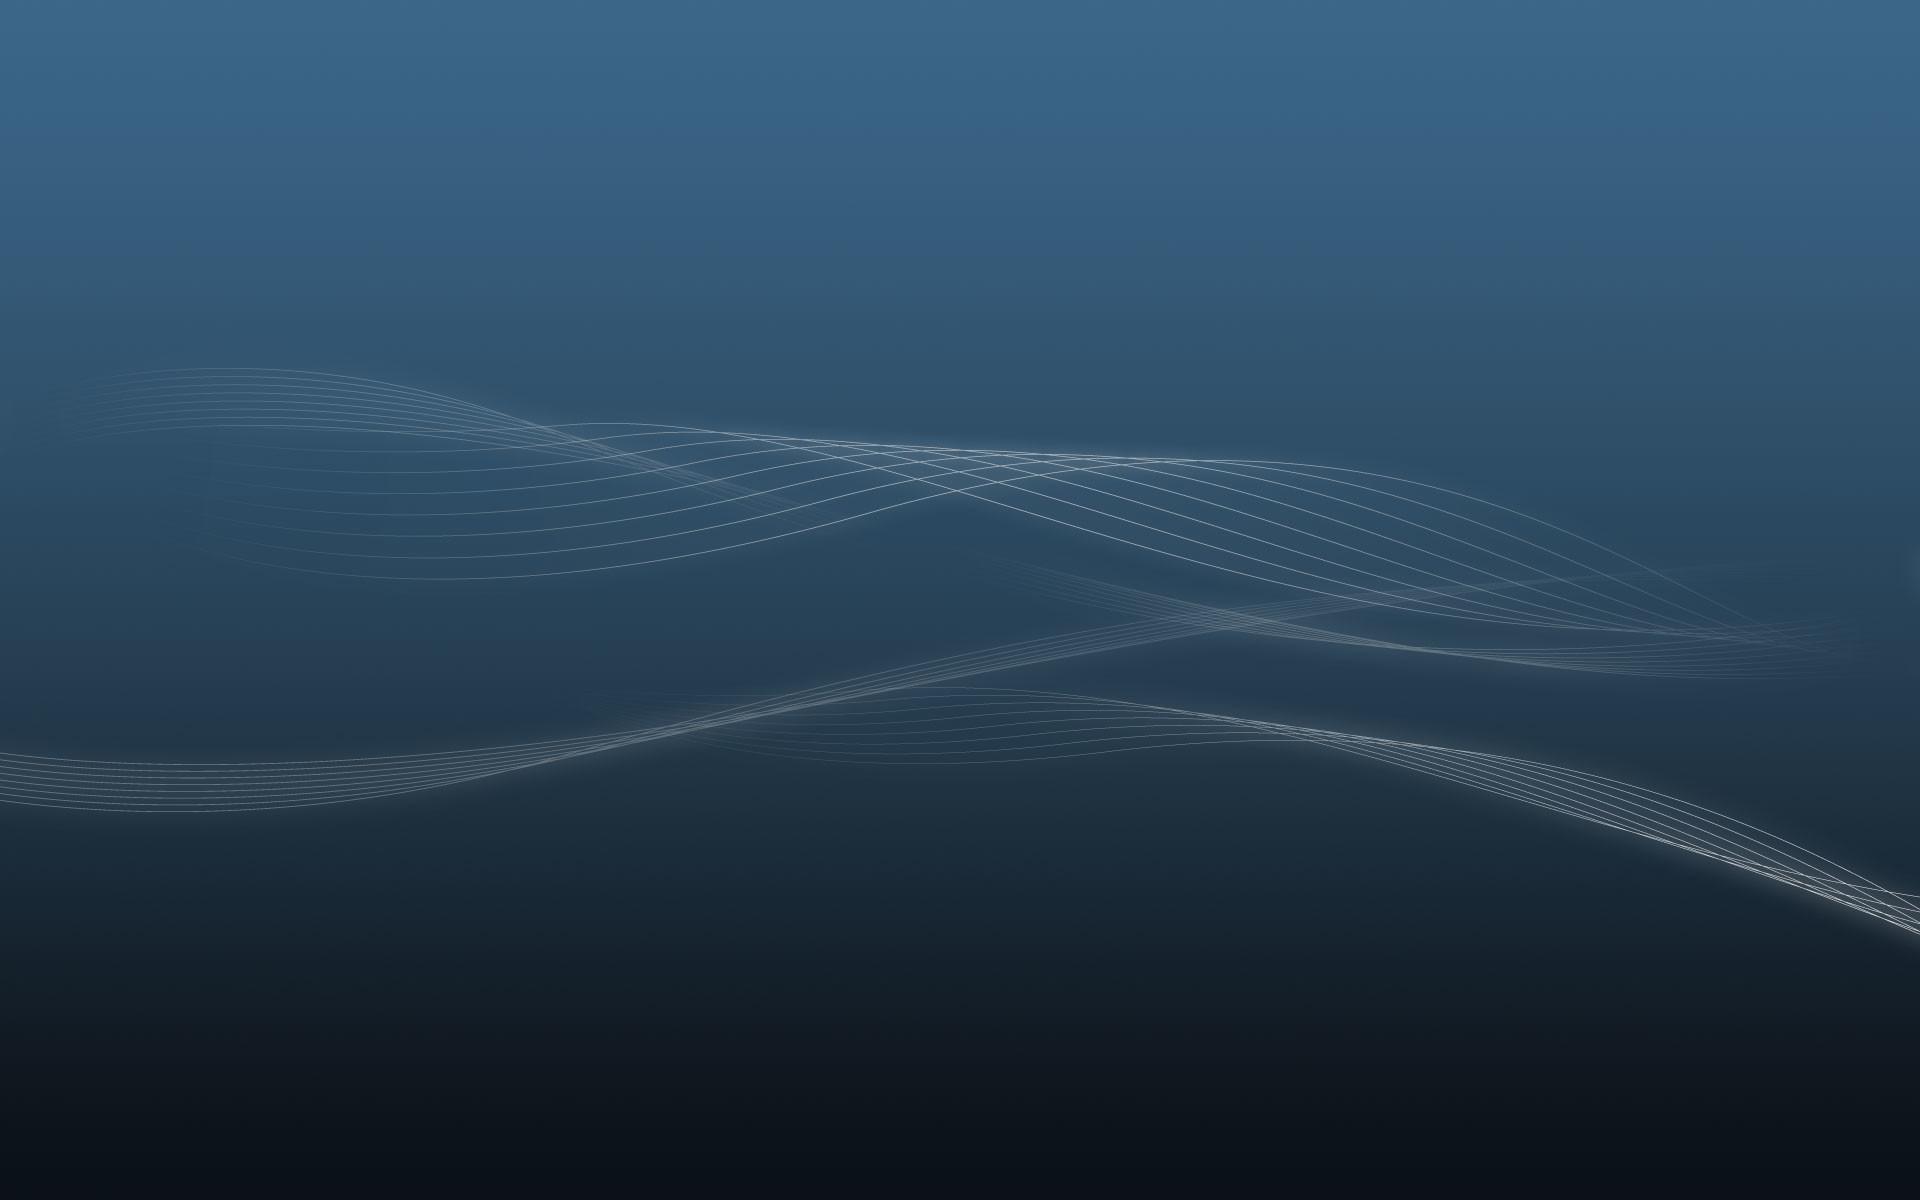 Download Link. Microsoft SQL Server Wallpaper